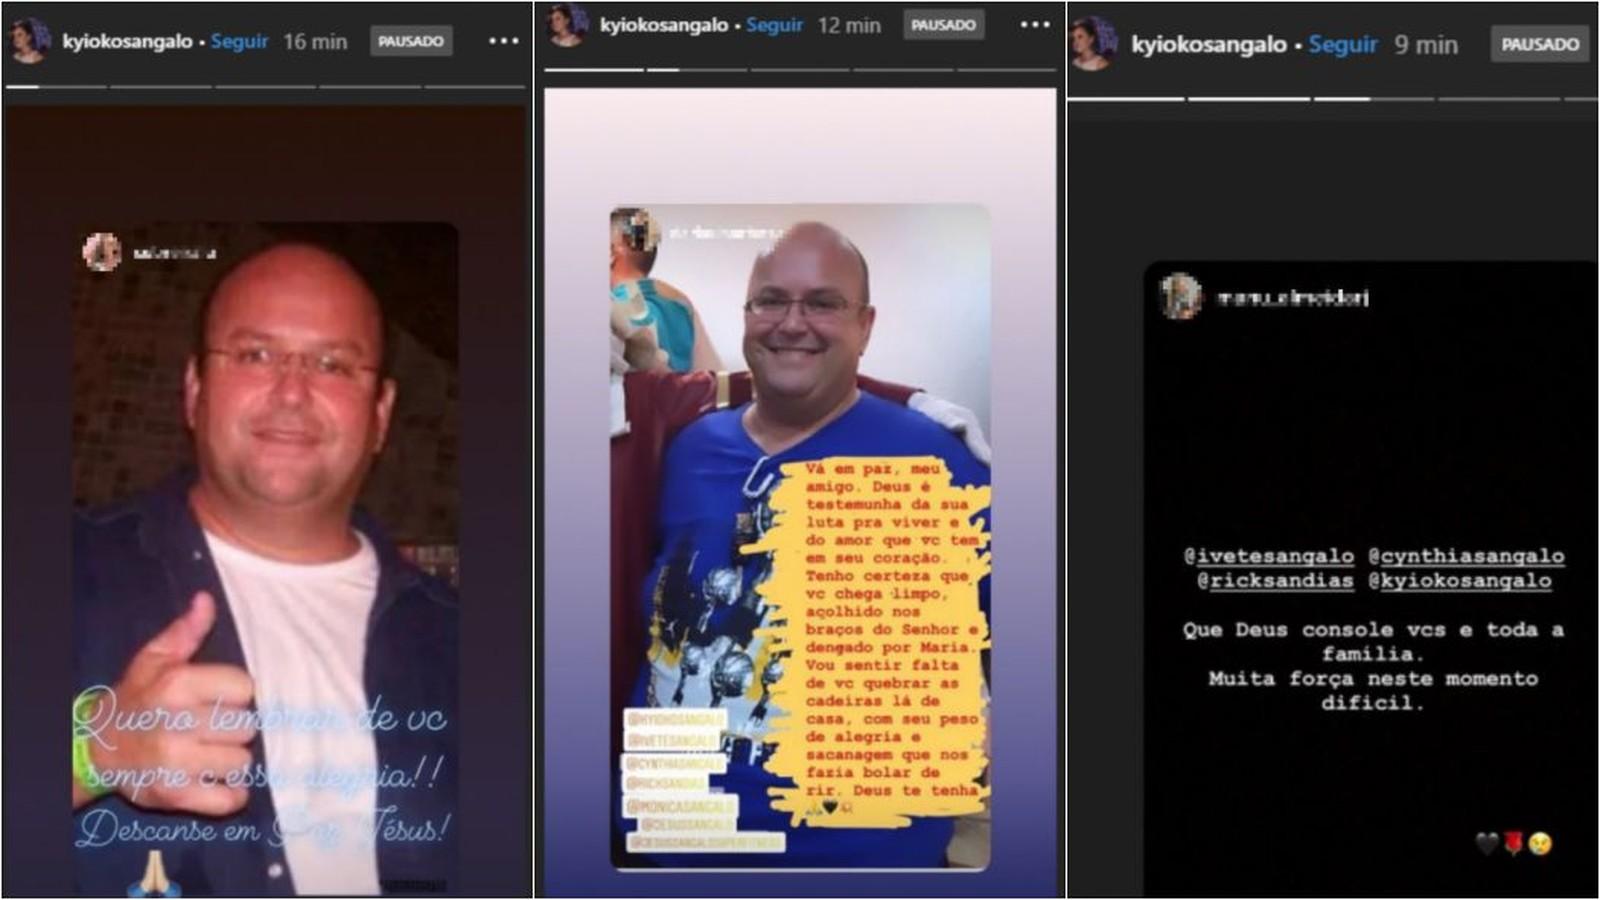 Cunhada de Ivete, esposa de Jesus Sangalo compartilha mensagens de luto nas redes sociais